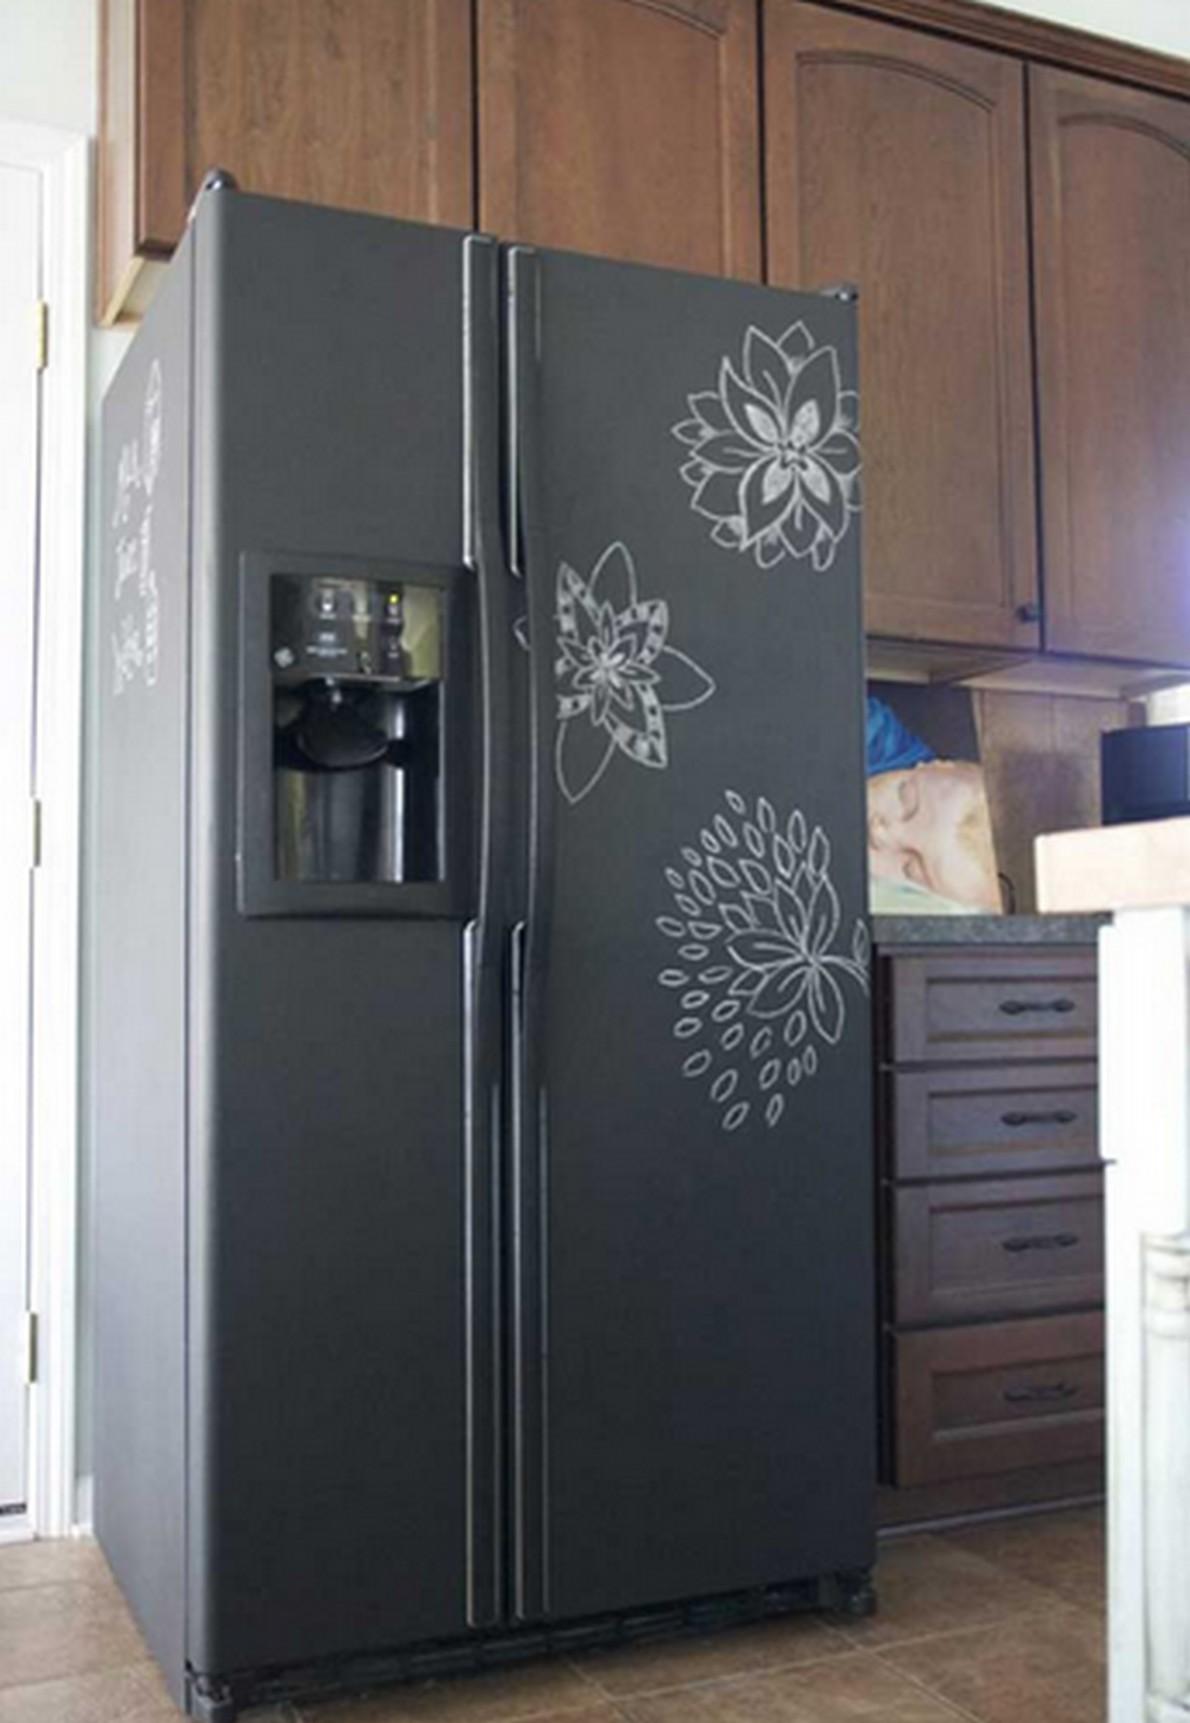 Ecco 10 idee creative per trasformare i mobili e le pareti in ...